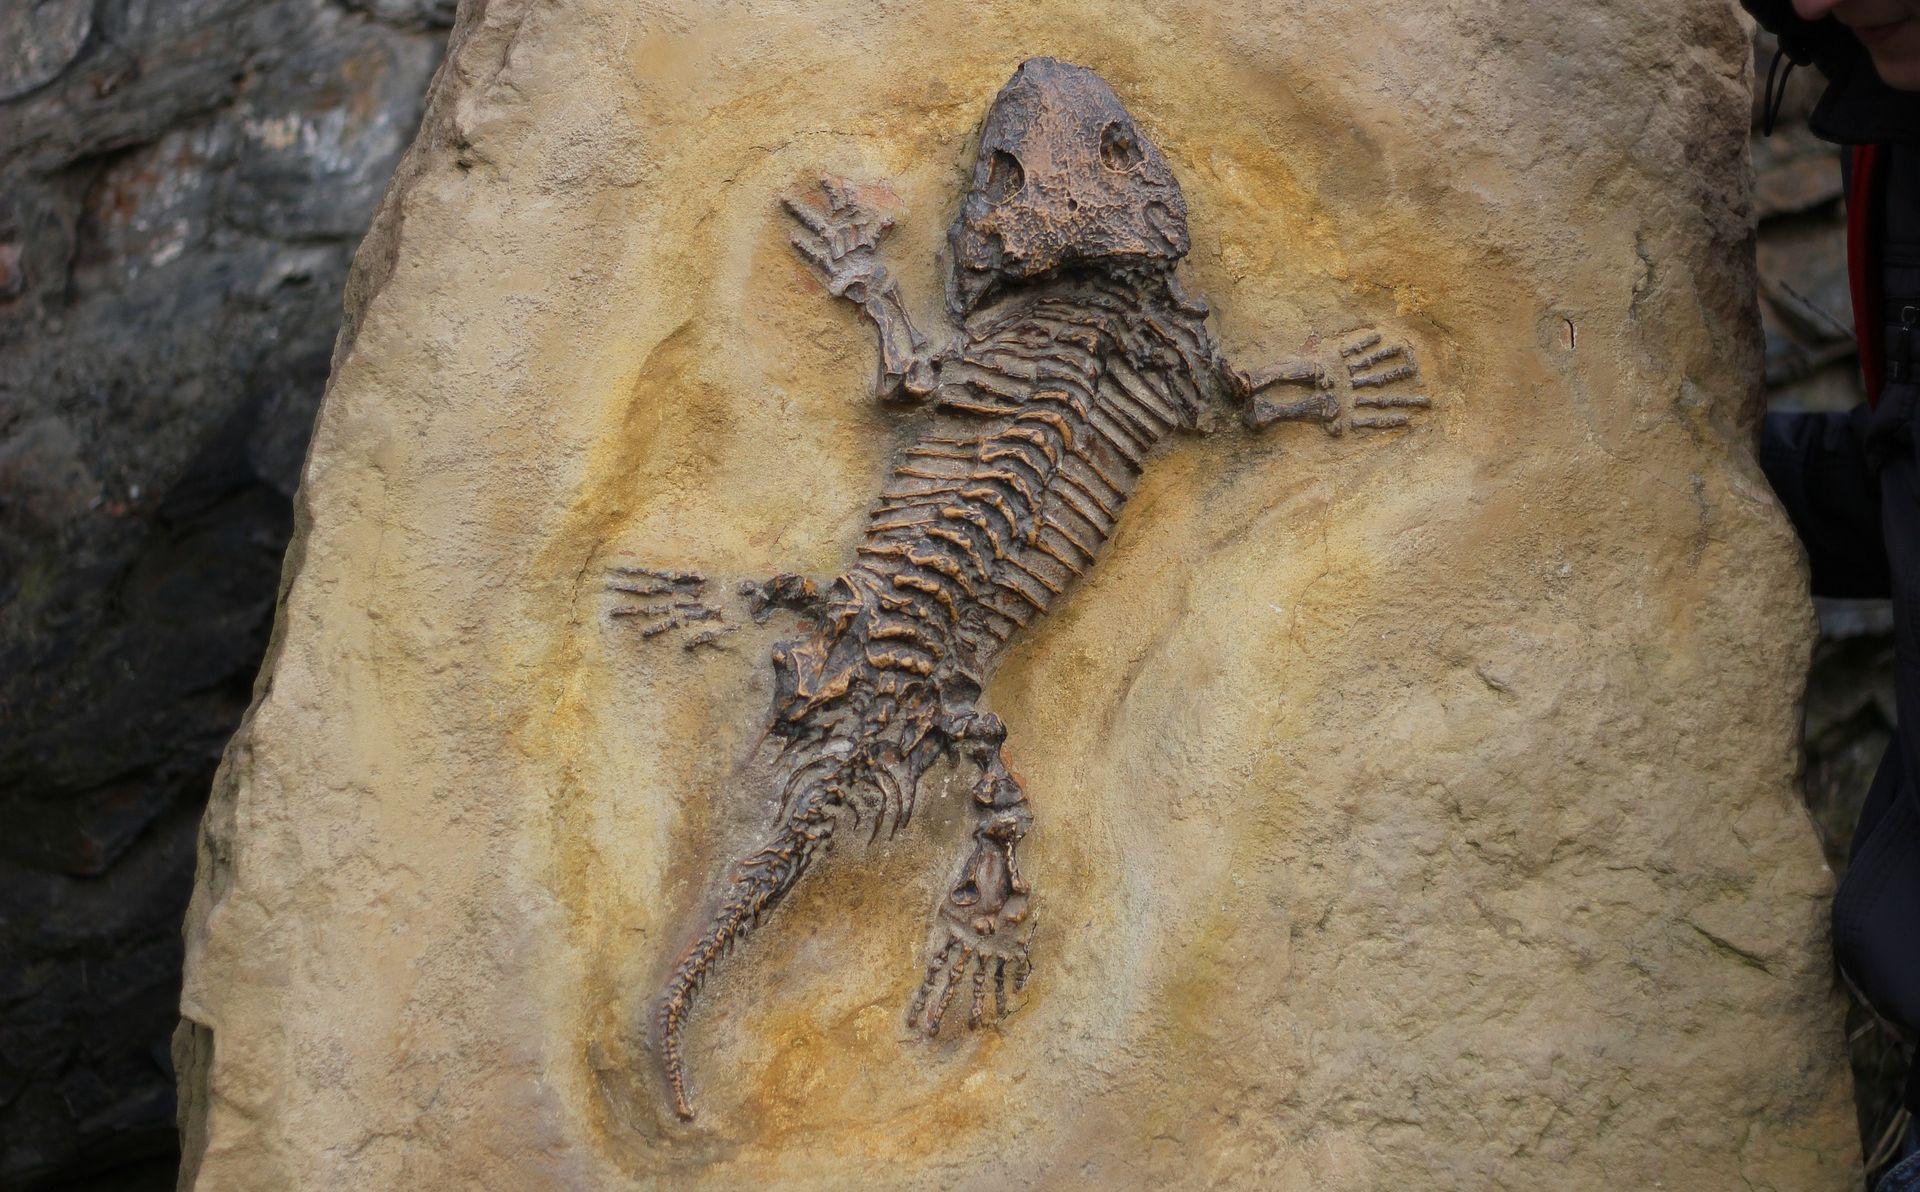 """Fosilizirani gušter, star 99 milijuna godina, """"izgubljena karika"""" drevnog ekosustava"""